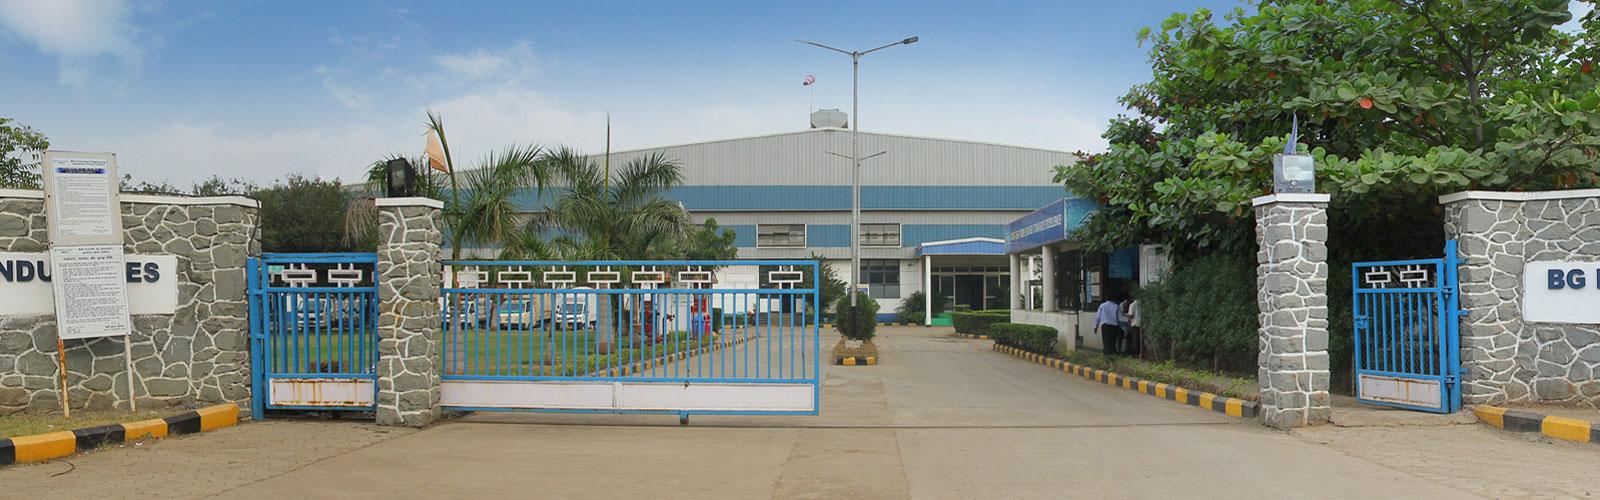 Bagla Group Aurangabad Die Casting Fasteners